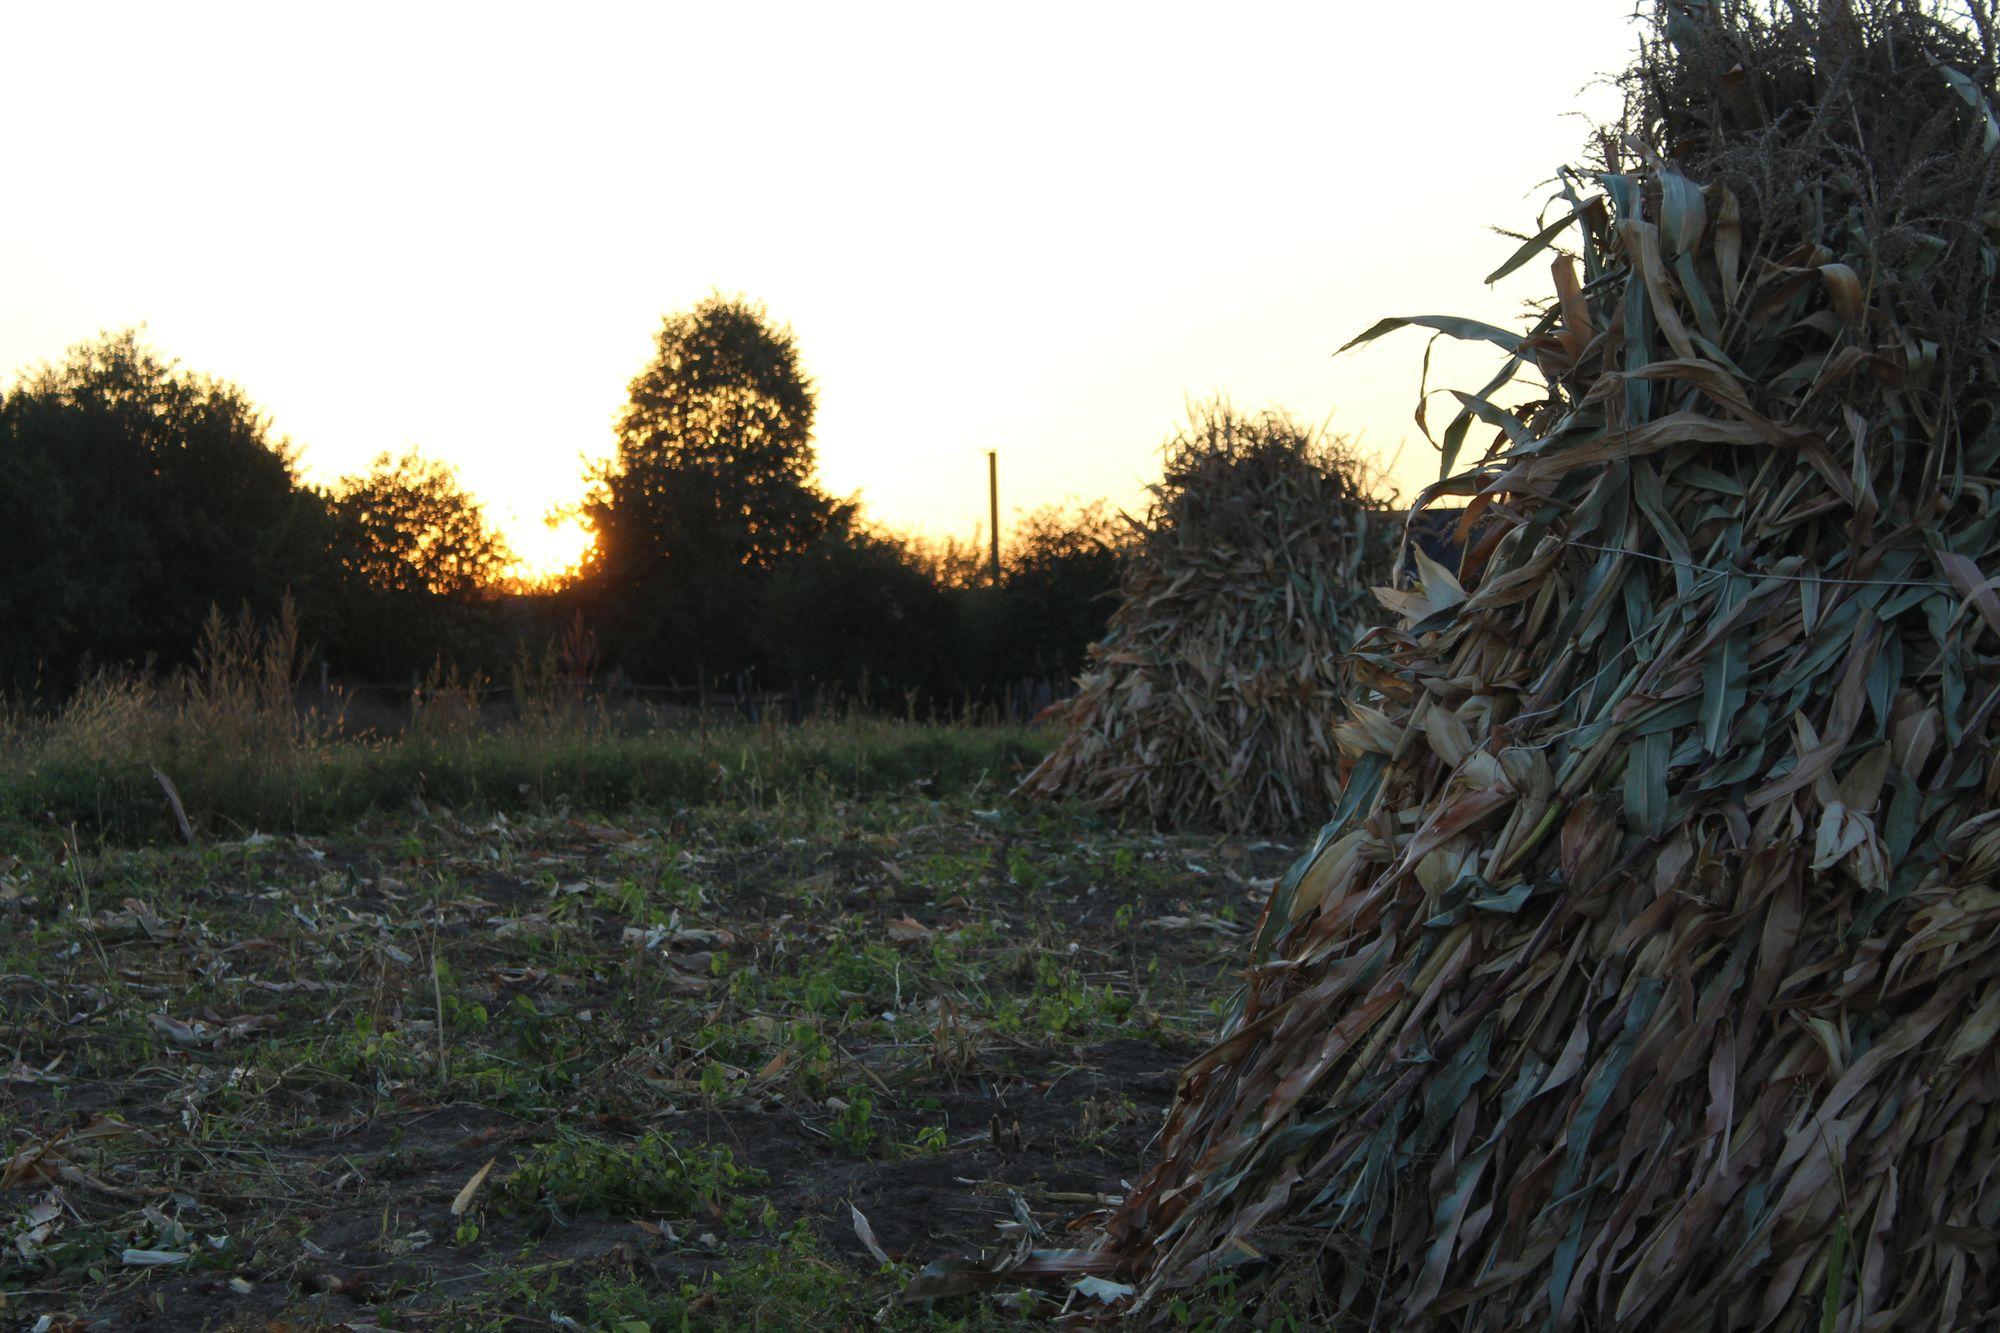 Вражаючий захід сонця у селі перед першими заморозками (Фоторепортаж)